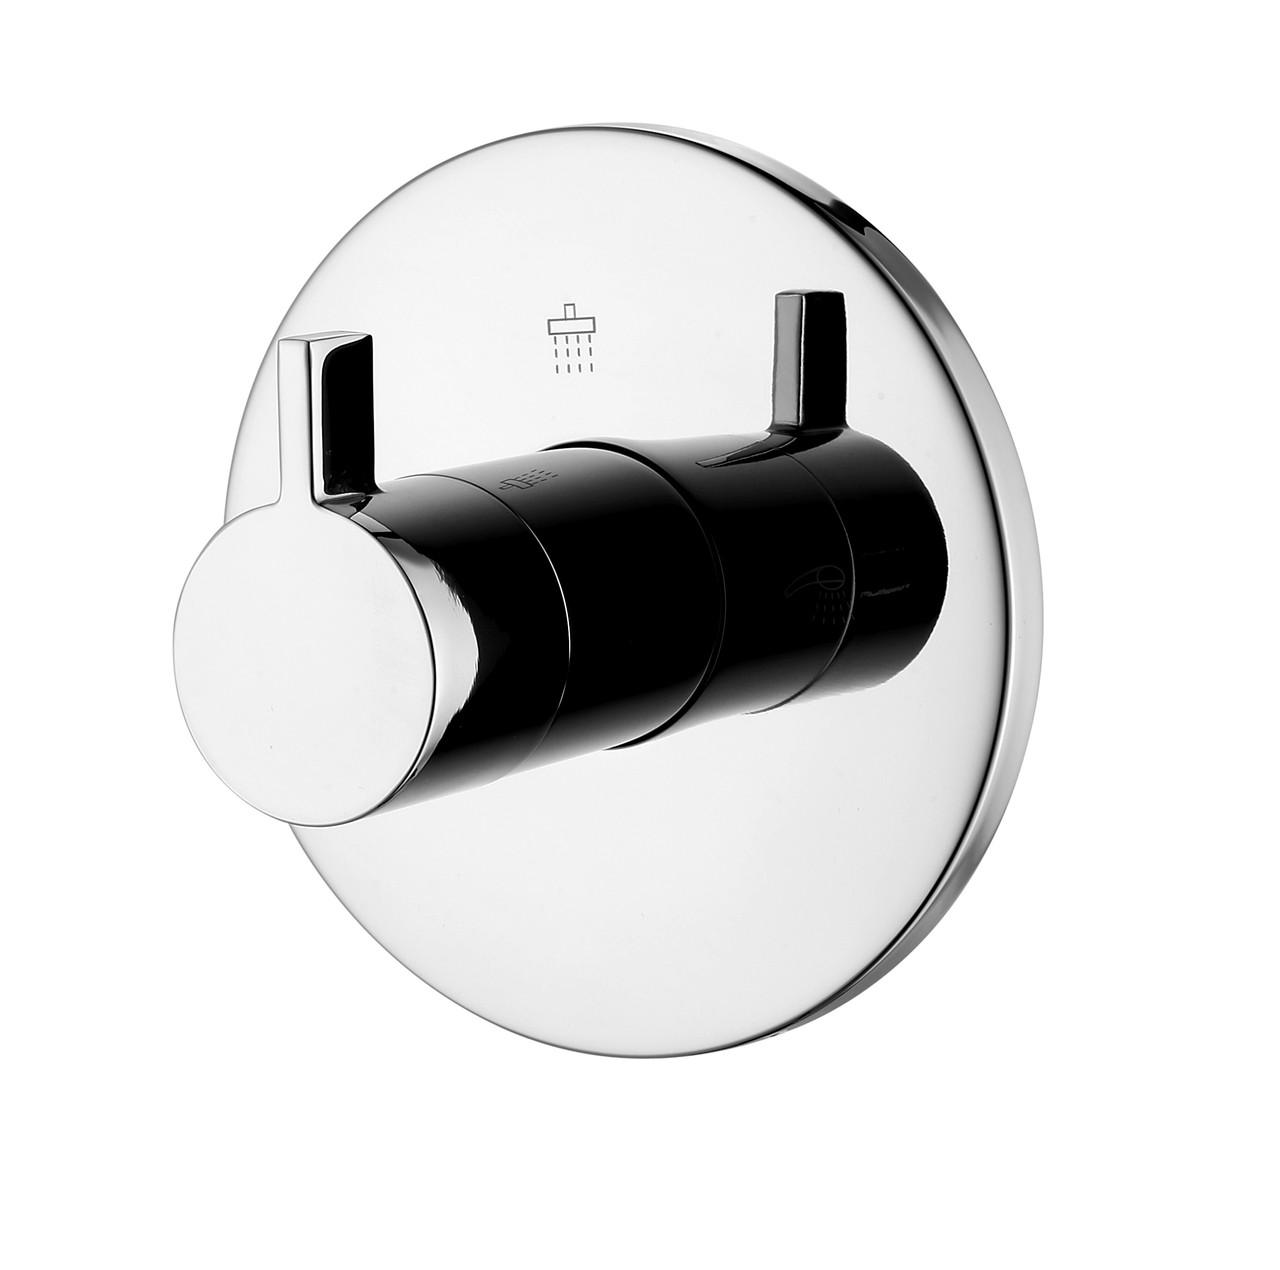 Вентиль-переключатель скрытого монтажа для ванны и душа Imprese Zamek на 3 потребителя